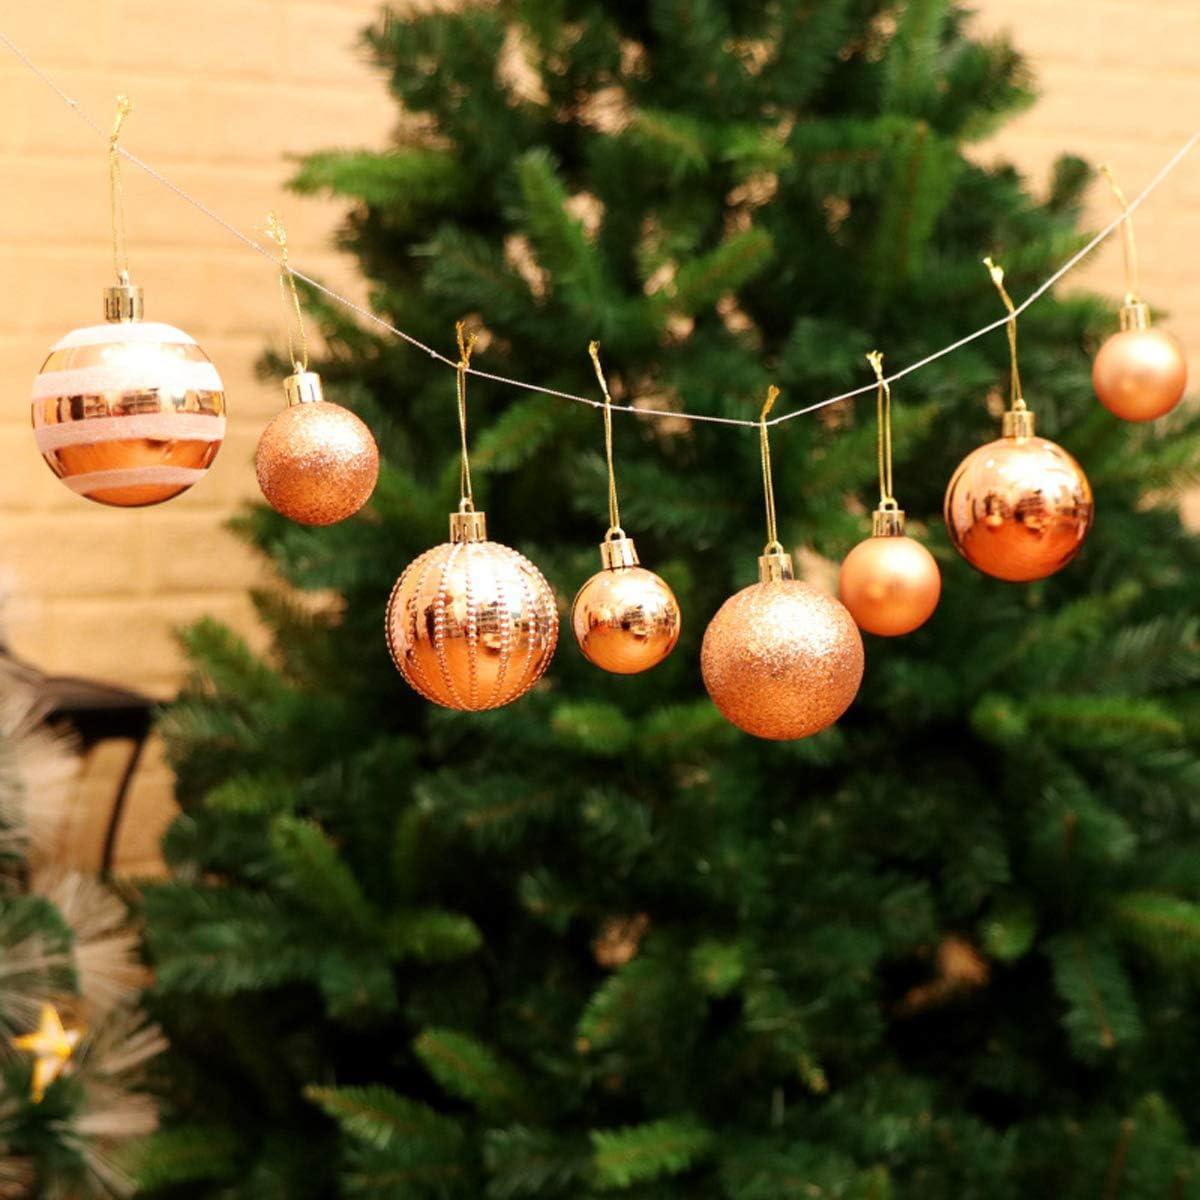 Partido 24Pcs 6cm Bolas de navidad Bola /árbol de navidad Ornamento Decoraciones colgantes de Navidad Centropieces Inastillable Baubles con ganchos para el /árbol de Navidad Blue Vacaciones de Navidad